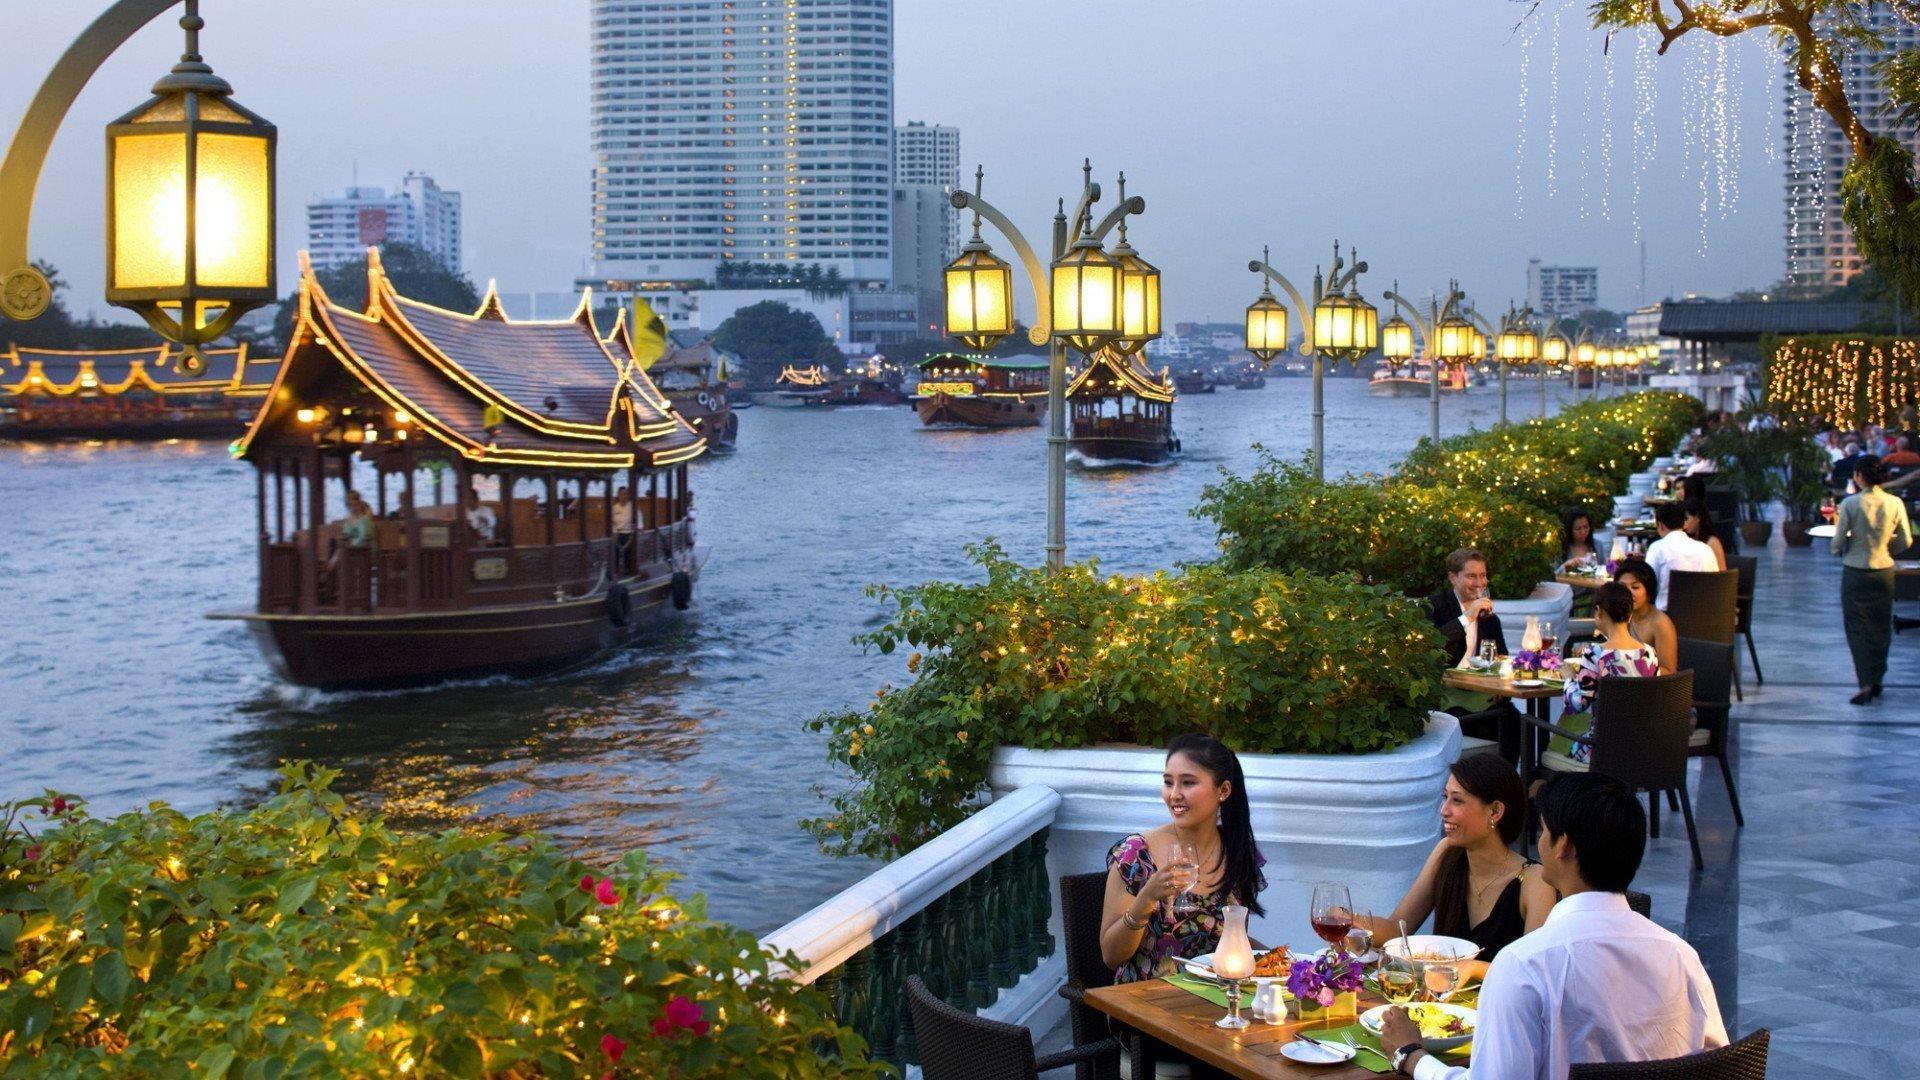 التايلانديون يحيون المواقع السياحية المتضررة من كورونا خلال العطلة